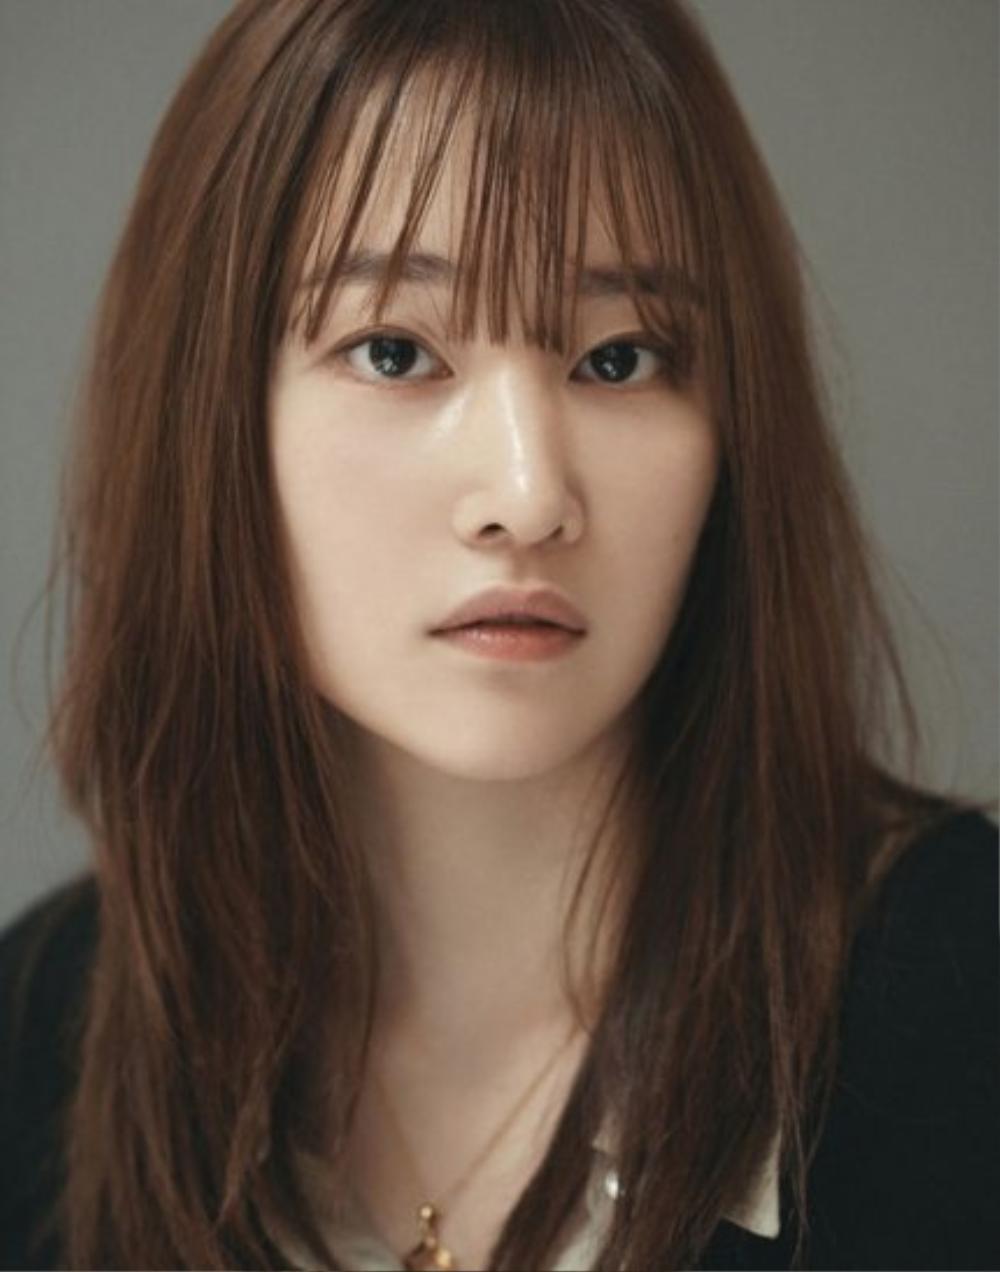 Dàn cast chính thức của siêu phẩm 'Phi vụ triệu đô' phiên bản Hàn Quốc gồm những ai? Ảnh 6